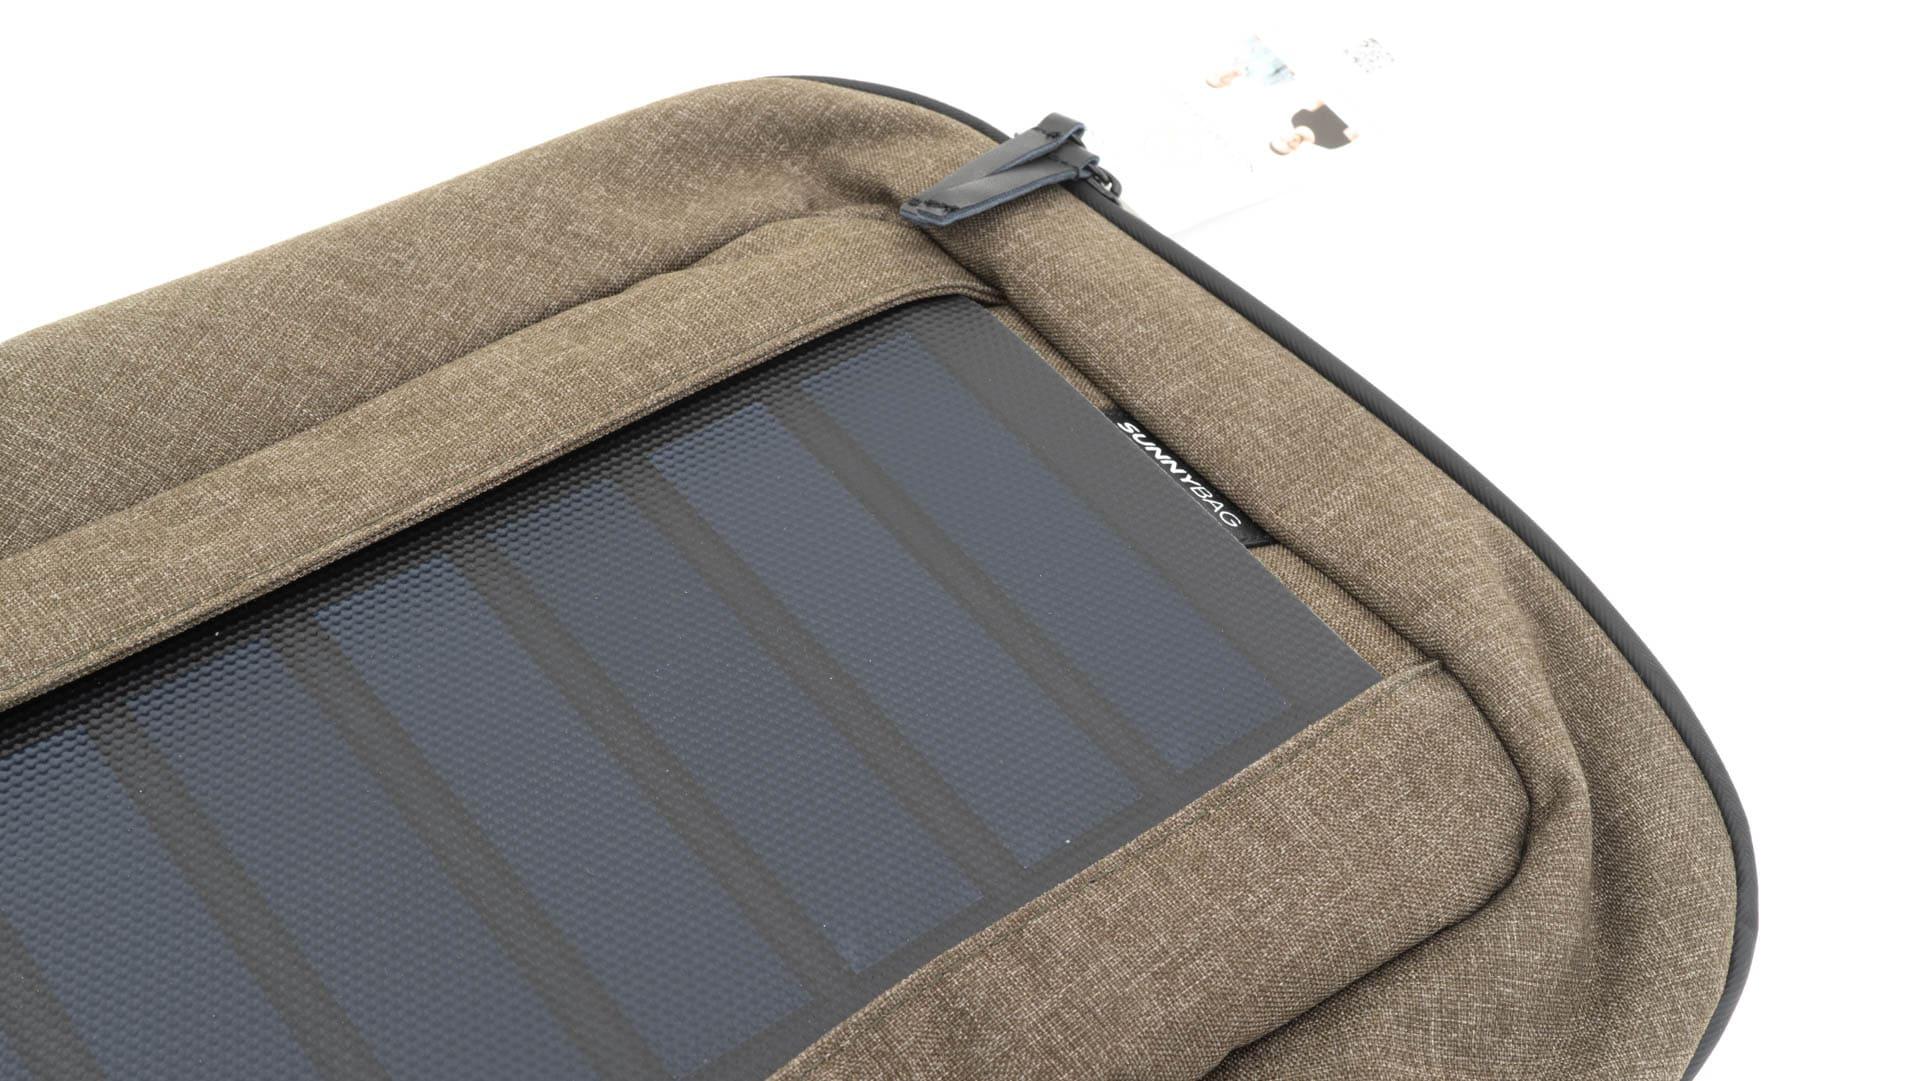 Ist Ein Rucksack Mit Solarpanel Eine Gute Idee Der